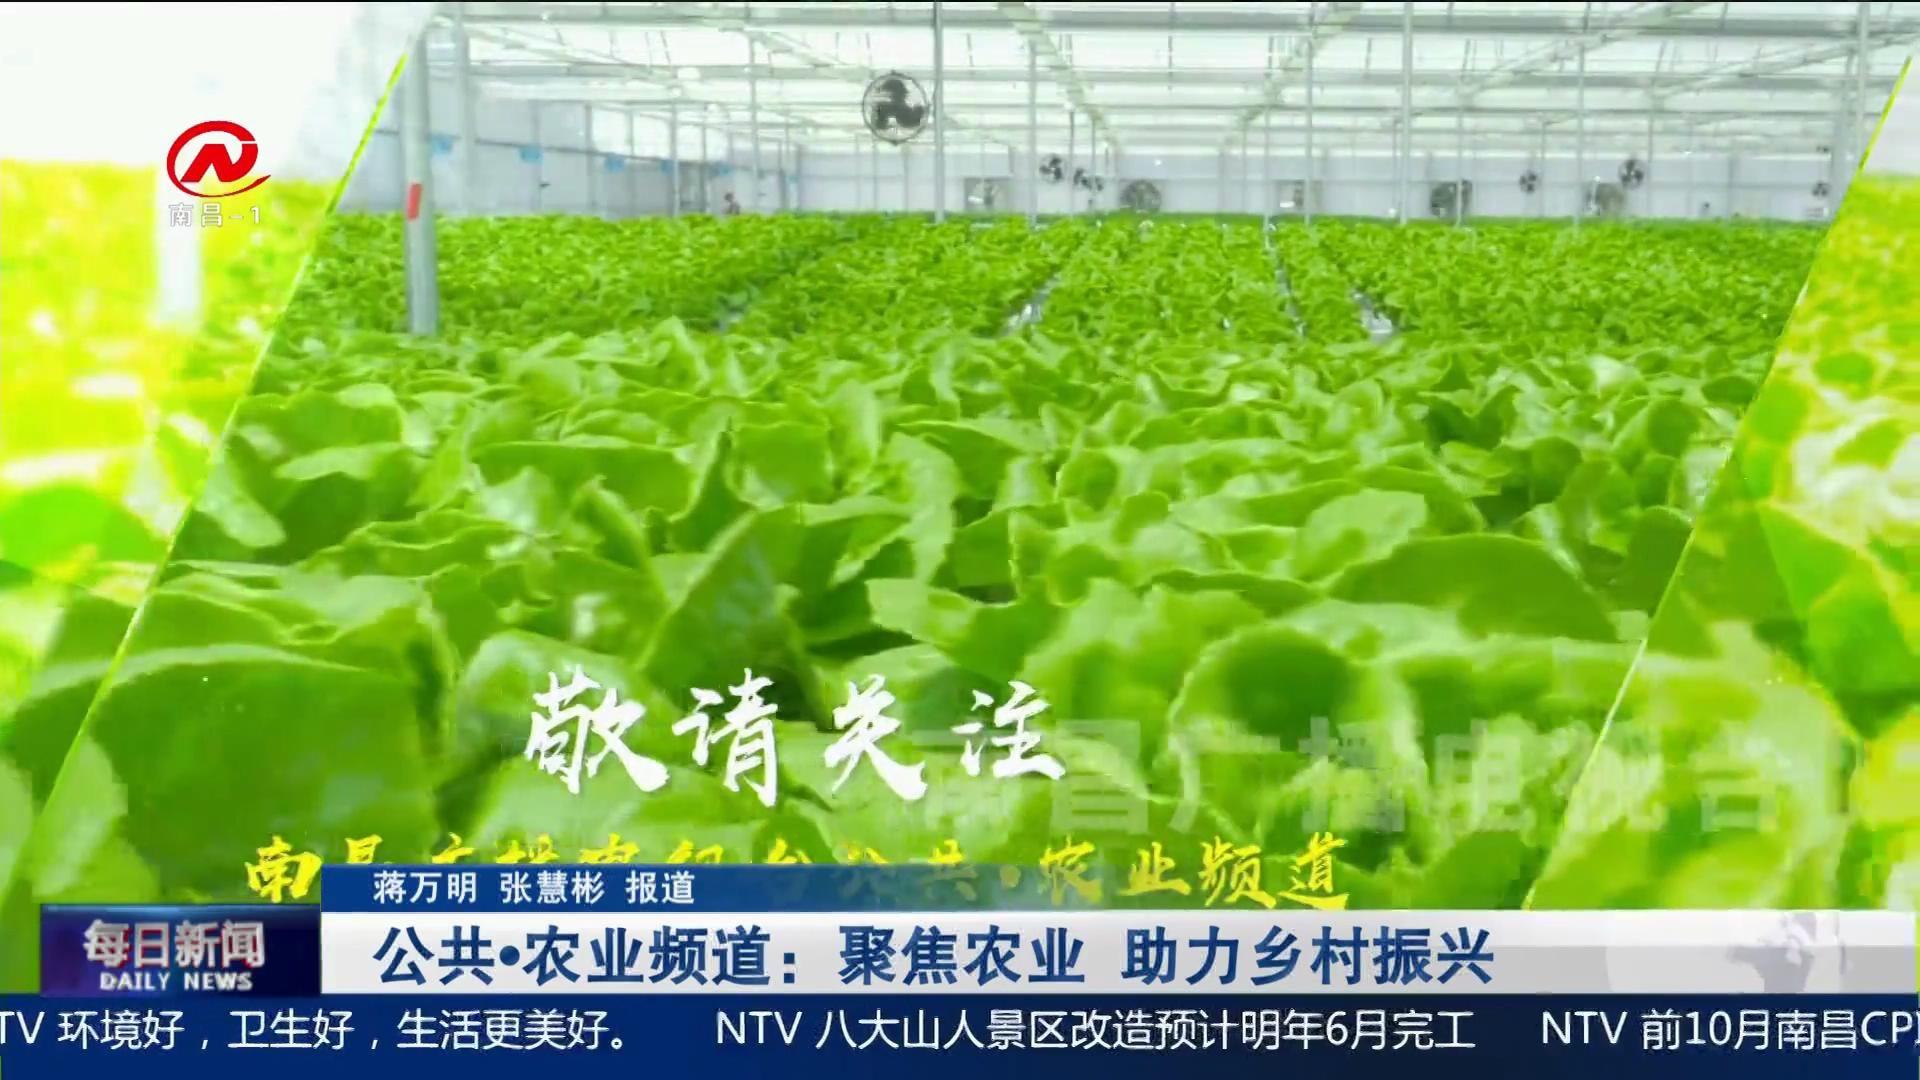 公共·农业频道:聚焦农业 助力乡村振兴